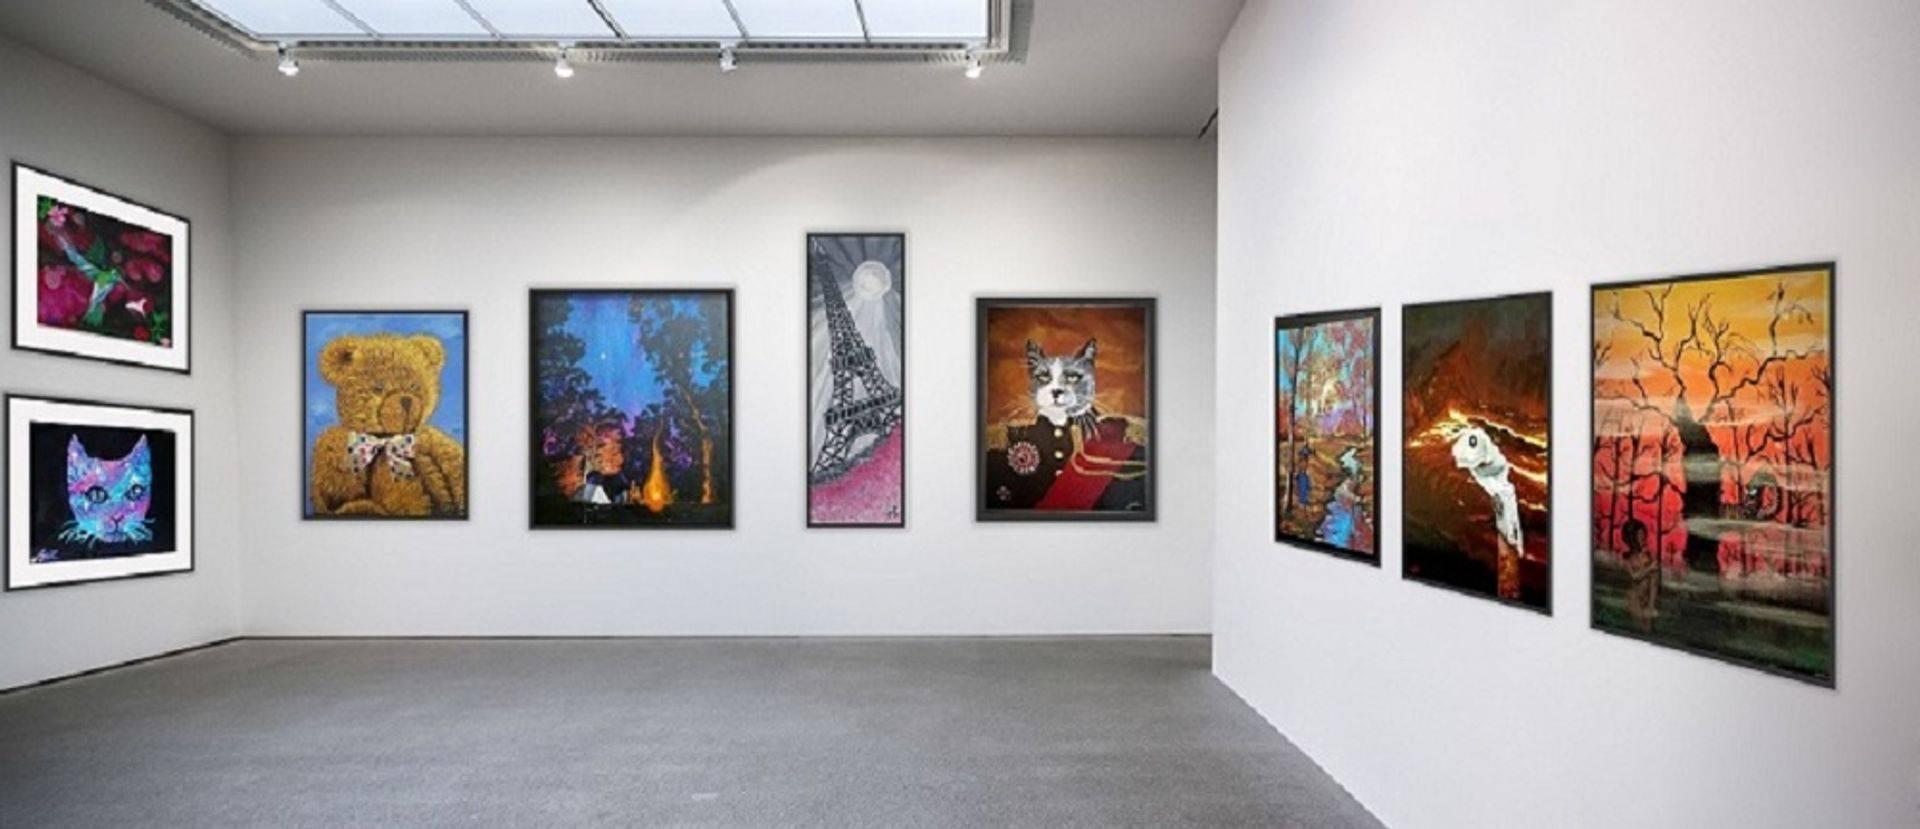 dos Ramos Studio Gallery